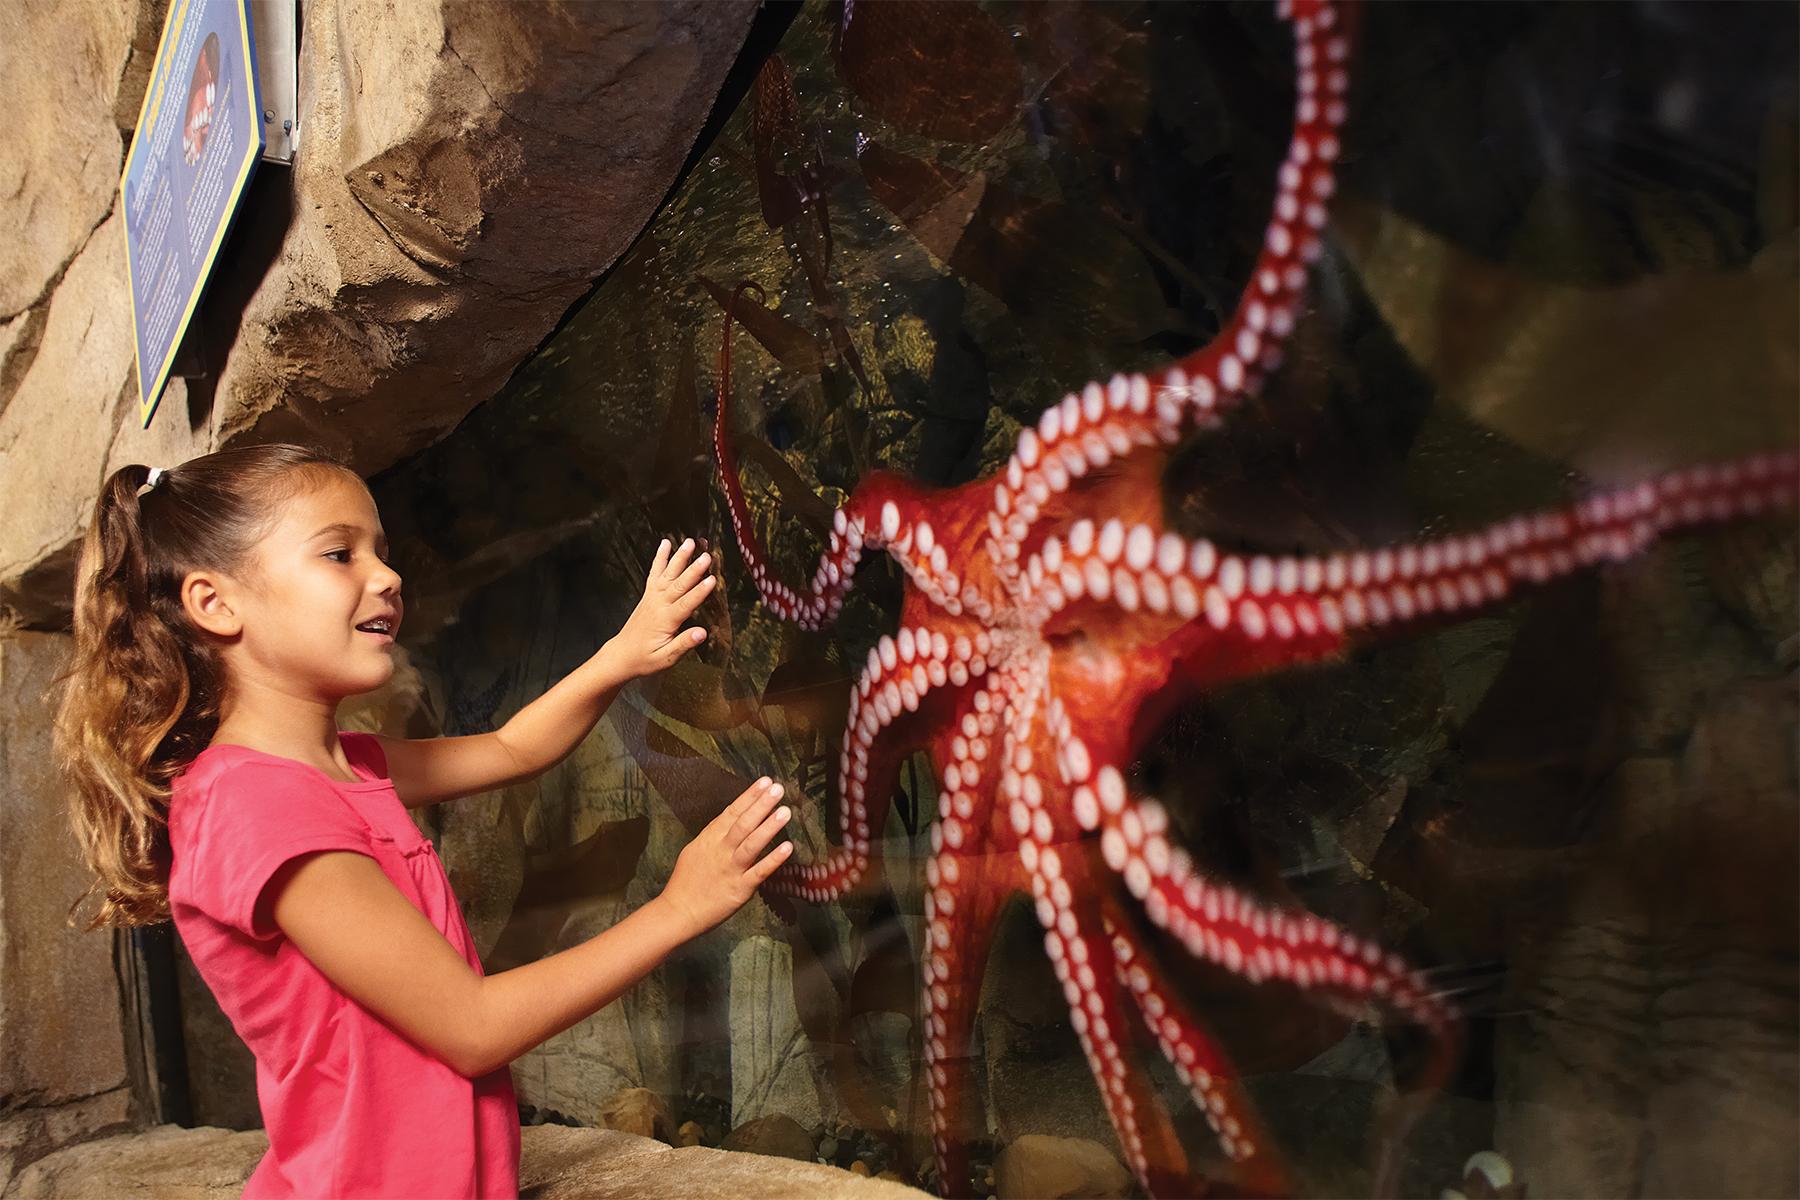 sealife-aquarium-octopus-300dpi-4X6.jpg